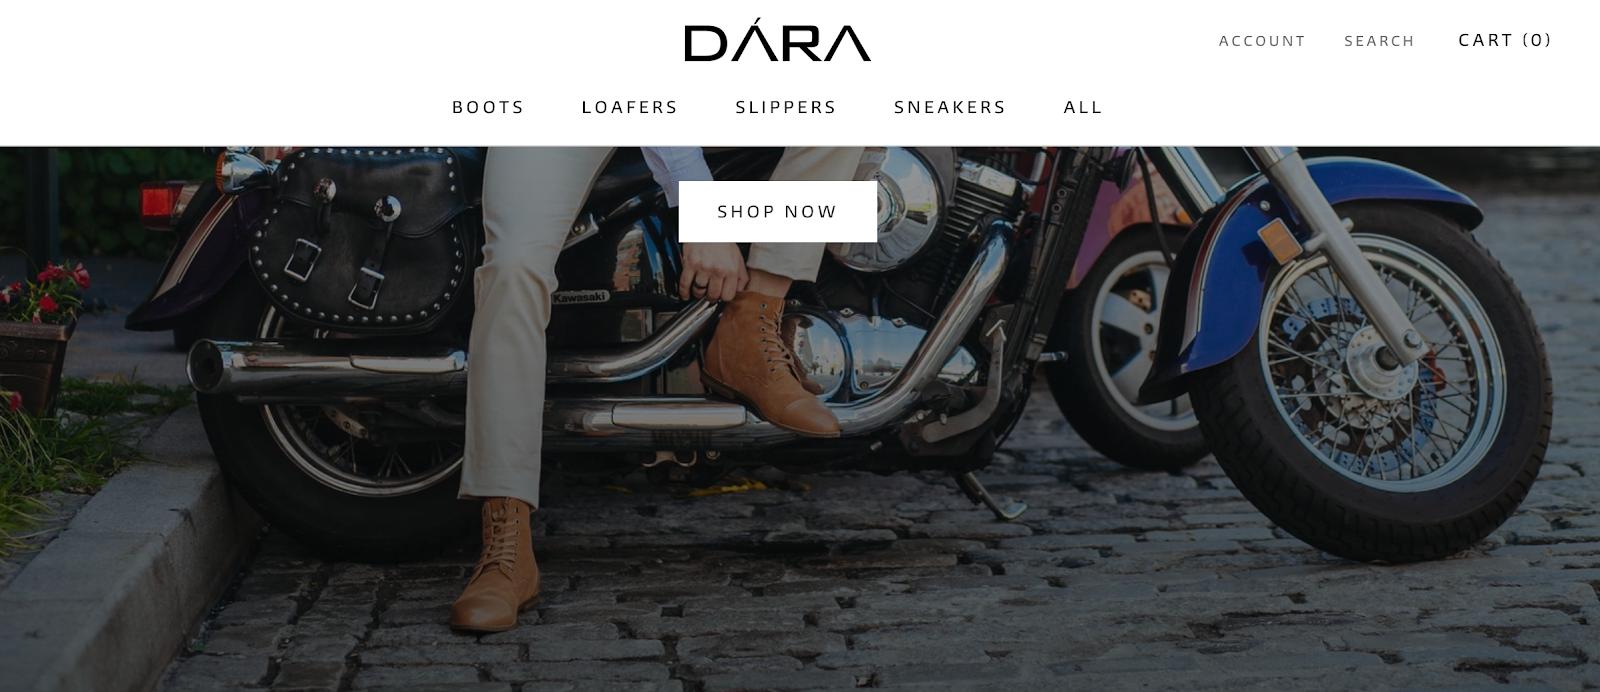 DARA Shoes   Online Footwear Brand